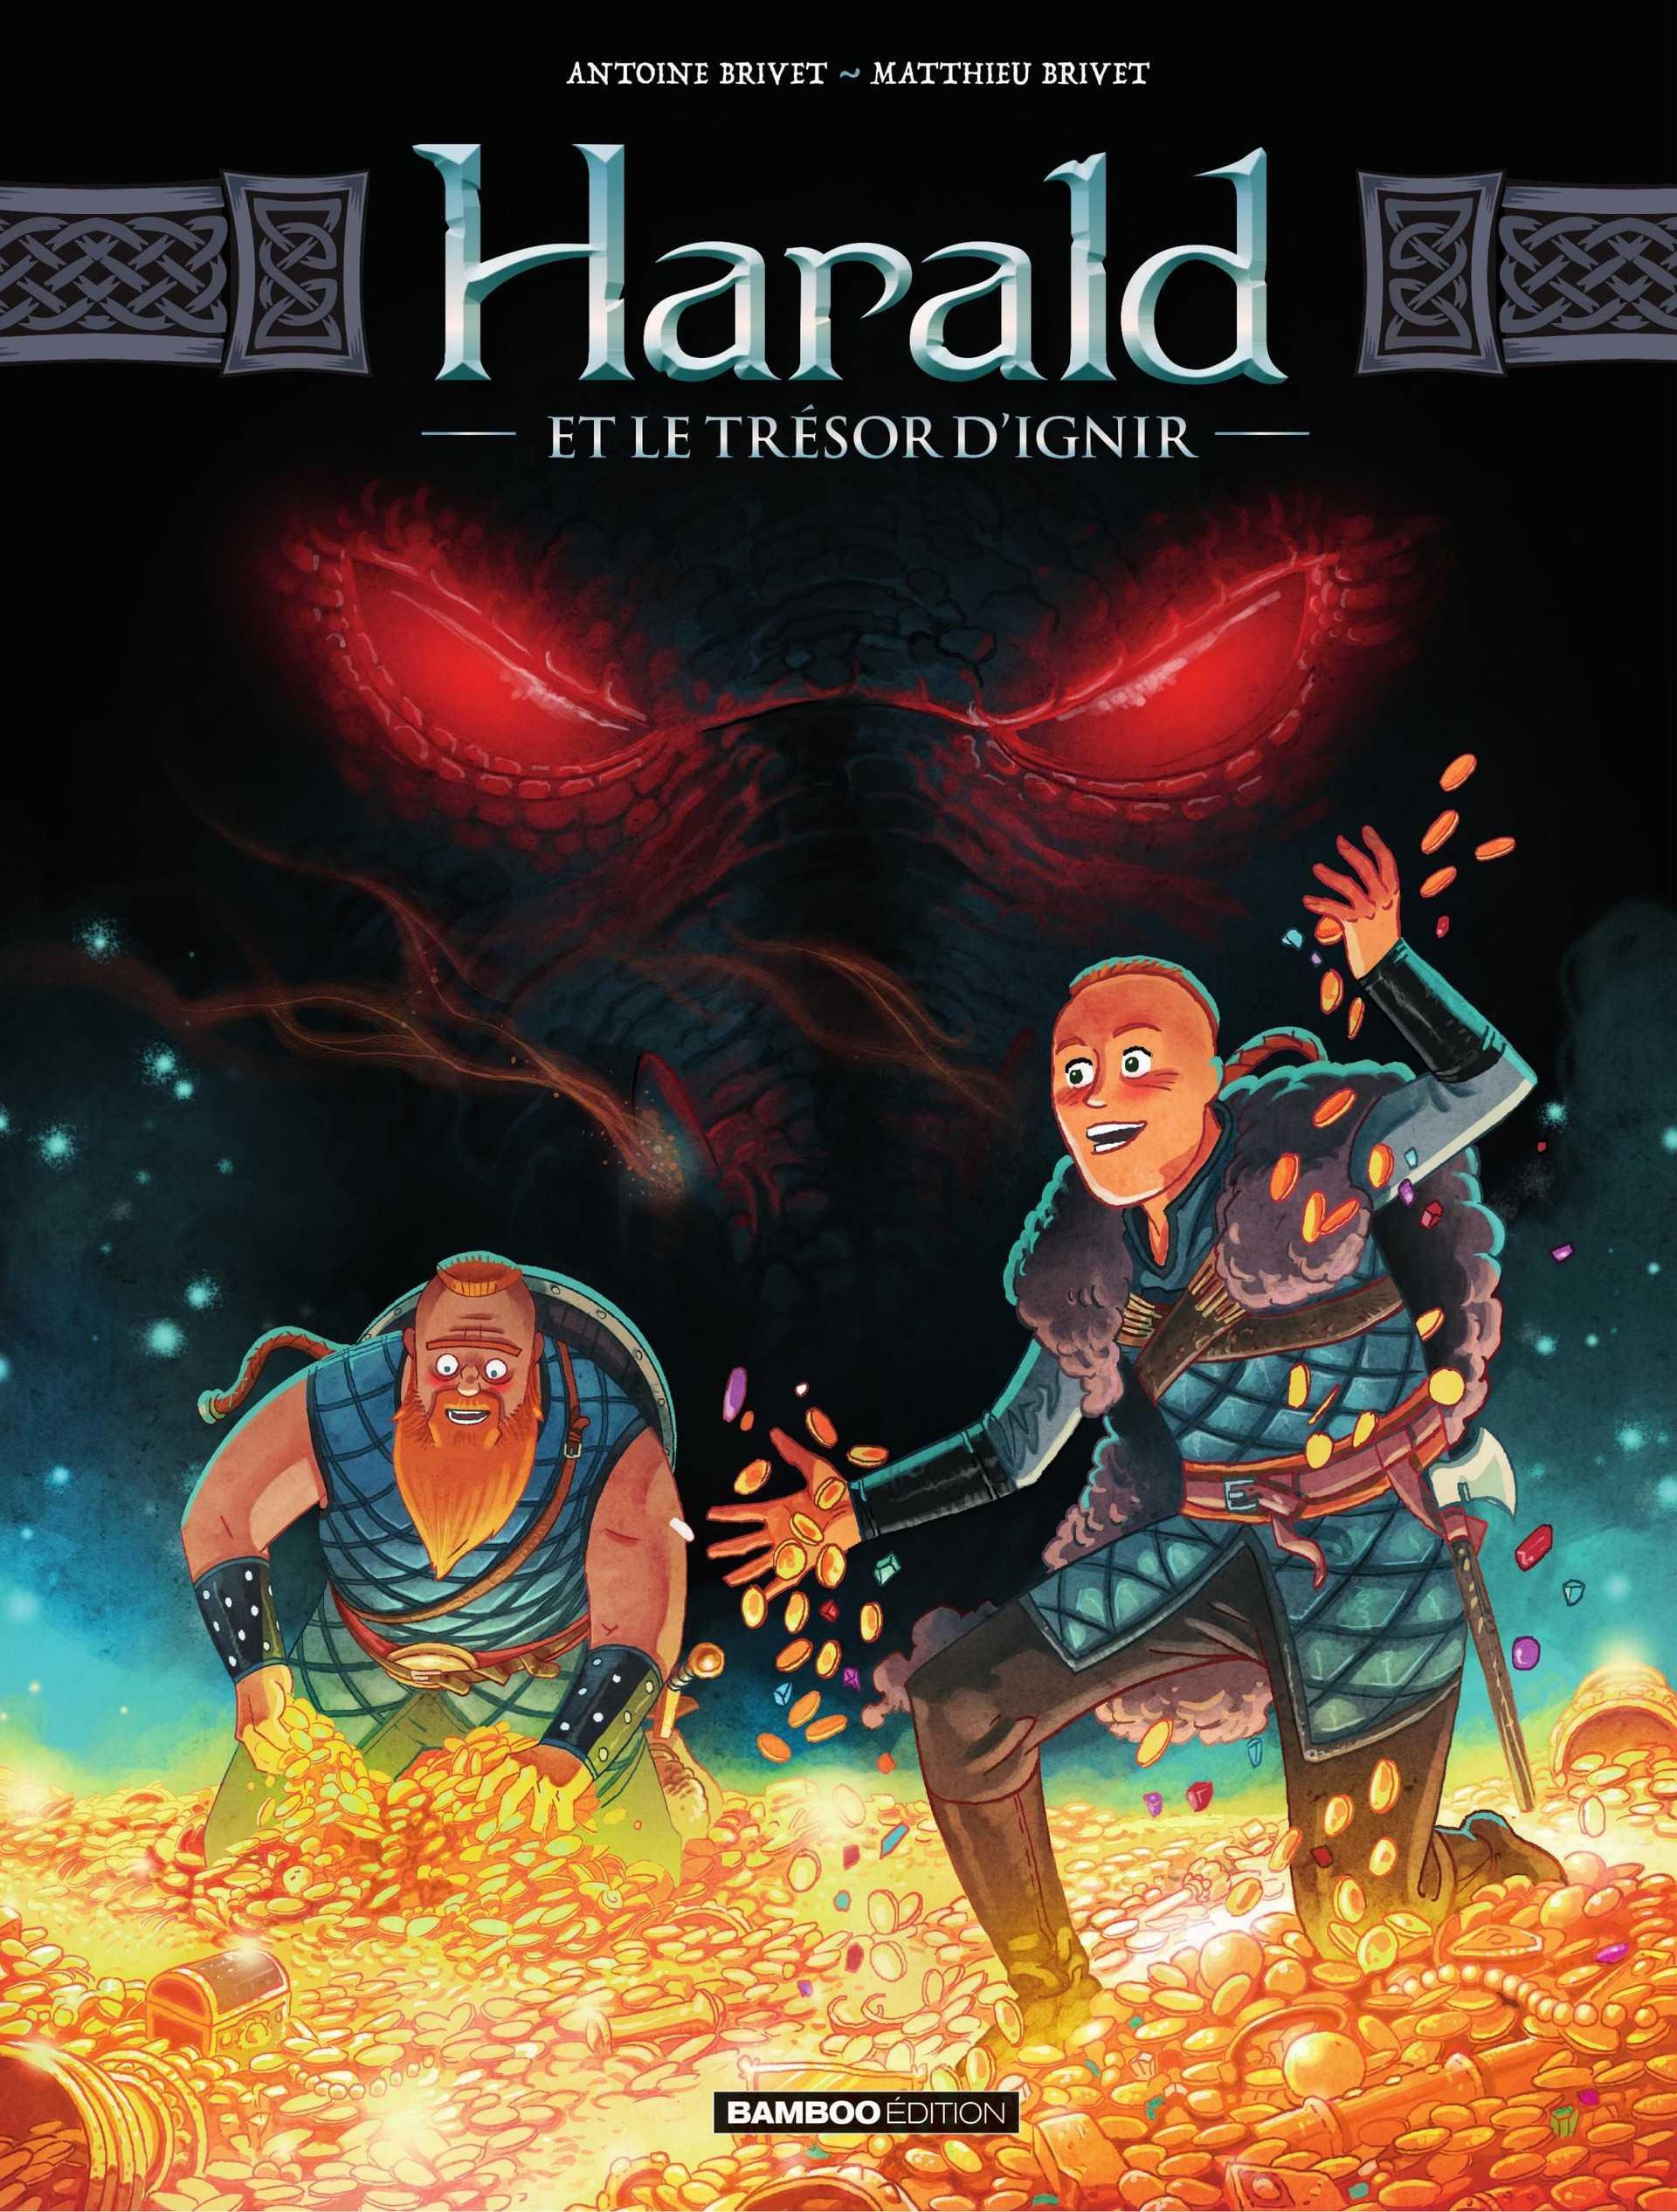 Harald et le trésor d'Ignir, un dragon malin de feu et d'or